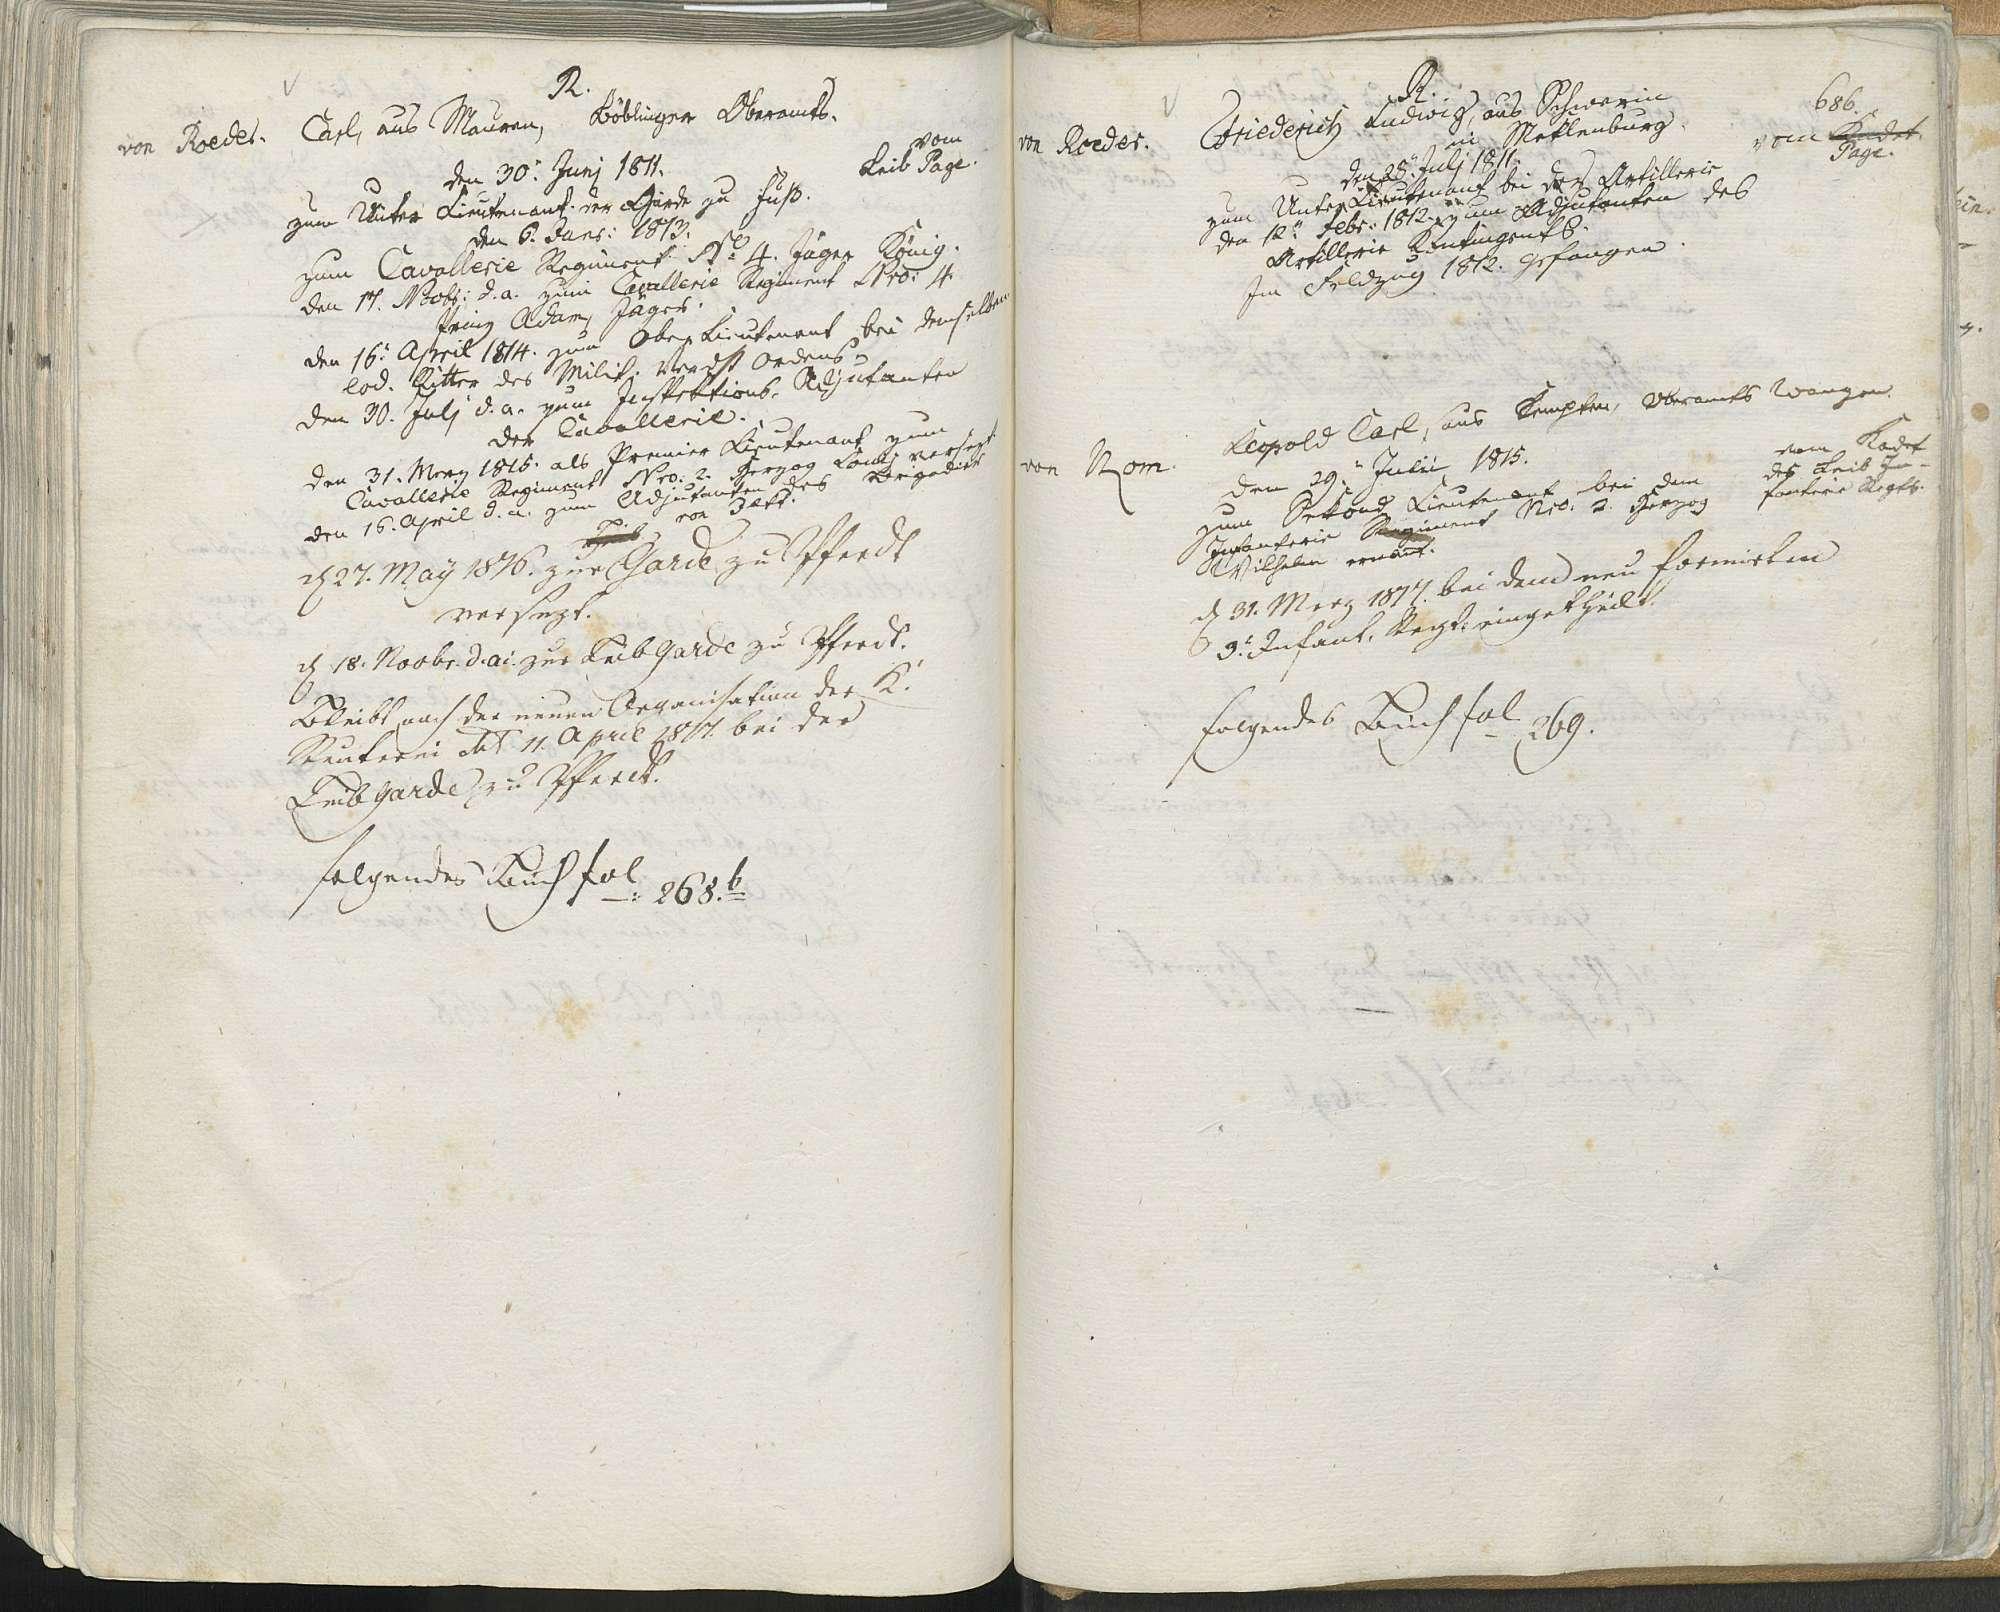 Roeder, Carl von, Bild 1